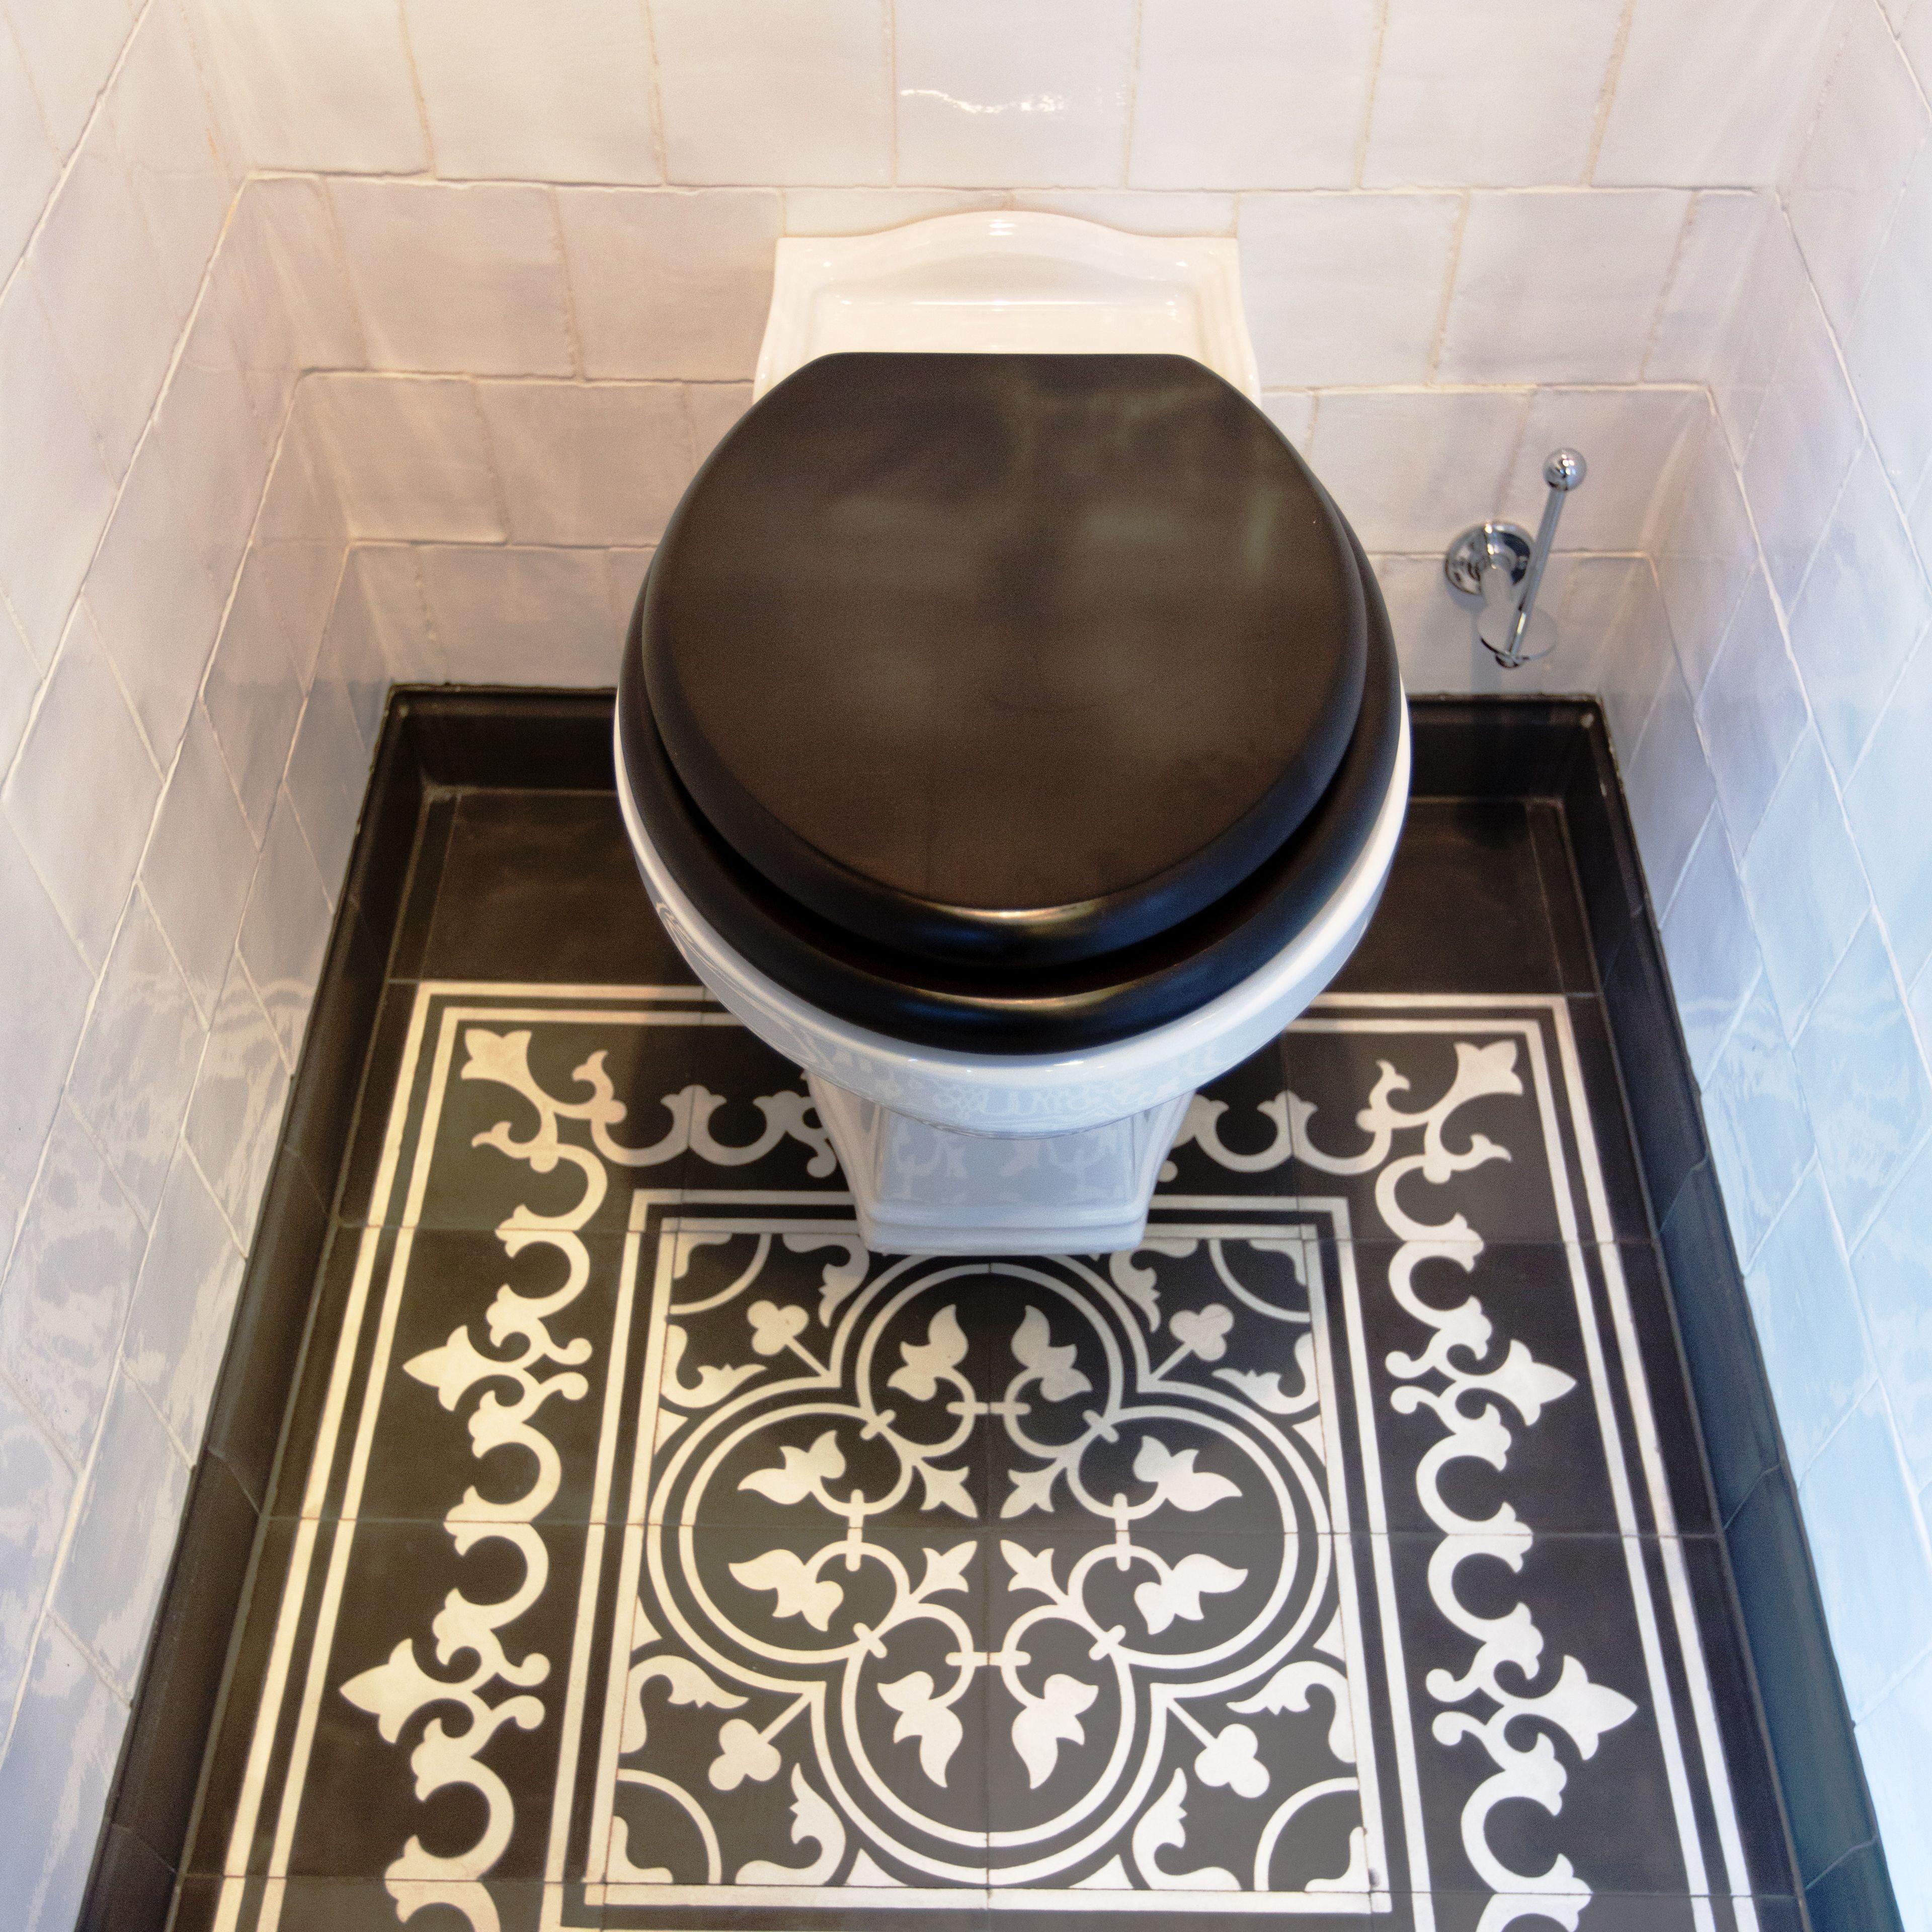 leef je uit op het toilet tegels van toen toilet badkamer